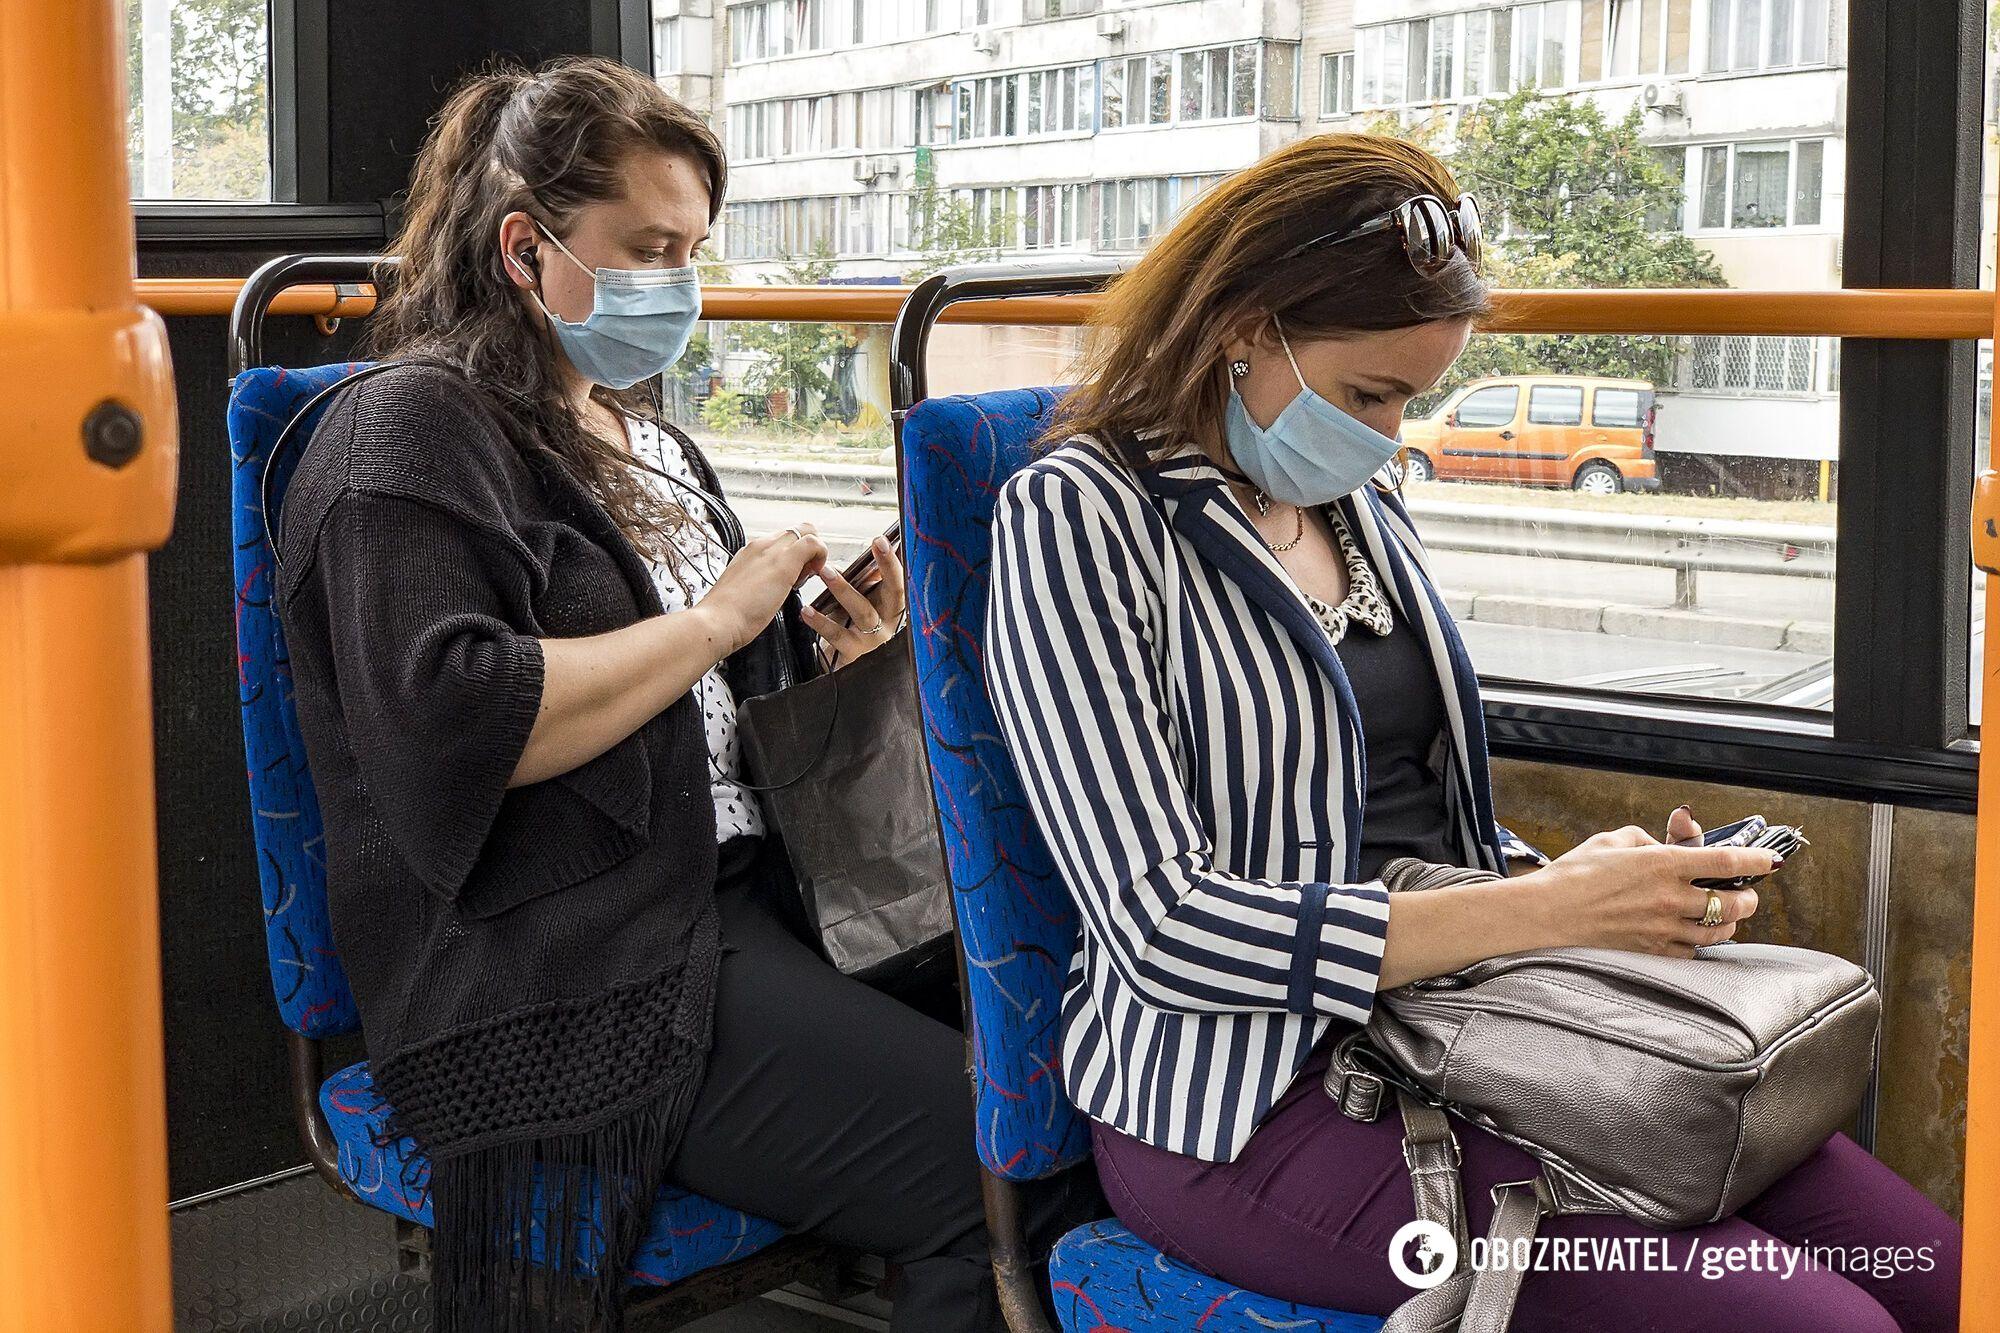 Громадський транспорт є найбільшою загрозою зараження.